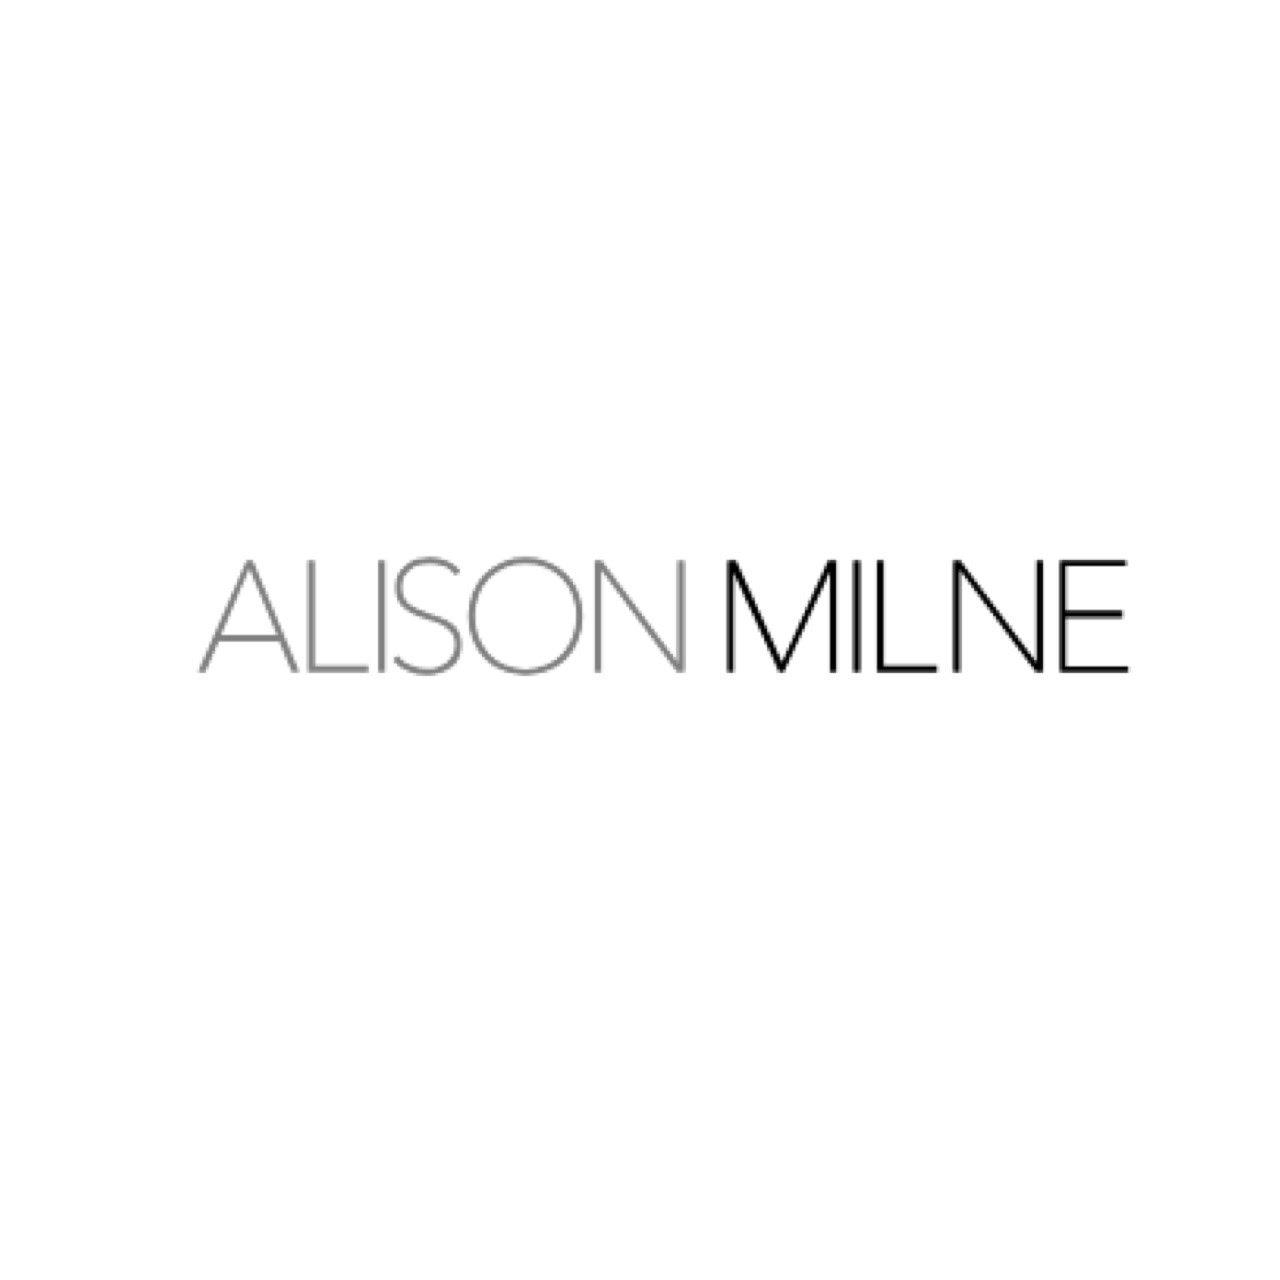 Alison Milne.jpg